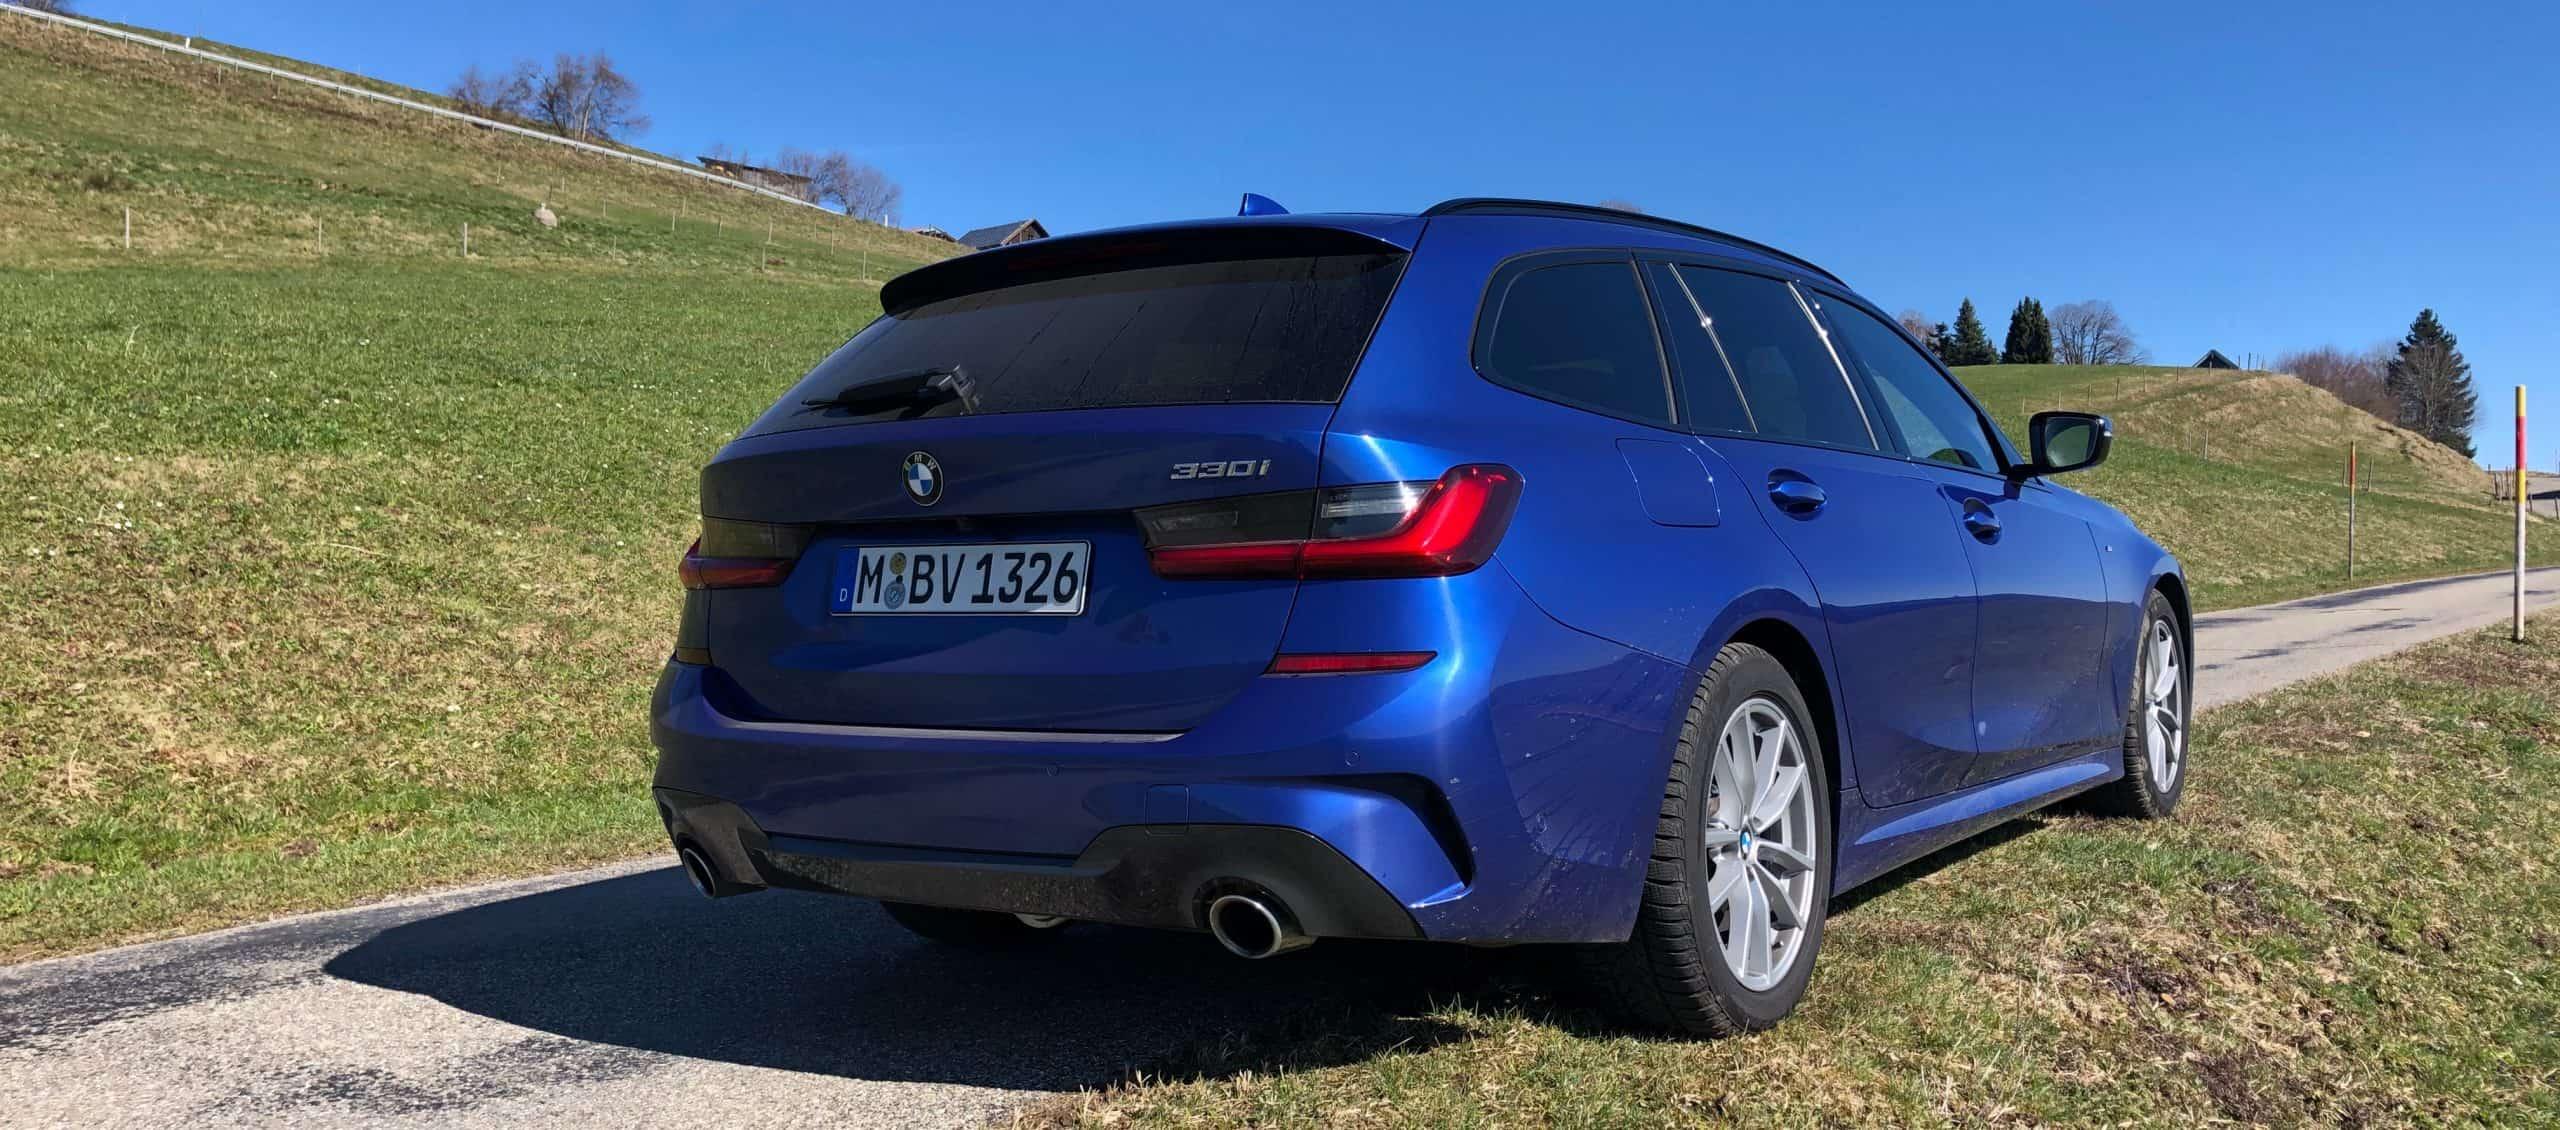 Sixt 3er BMW als Glücksauto